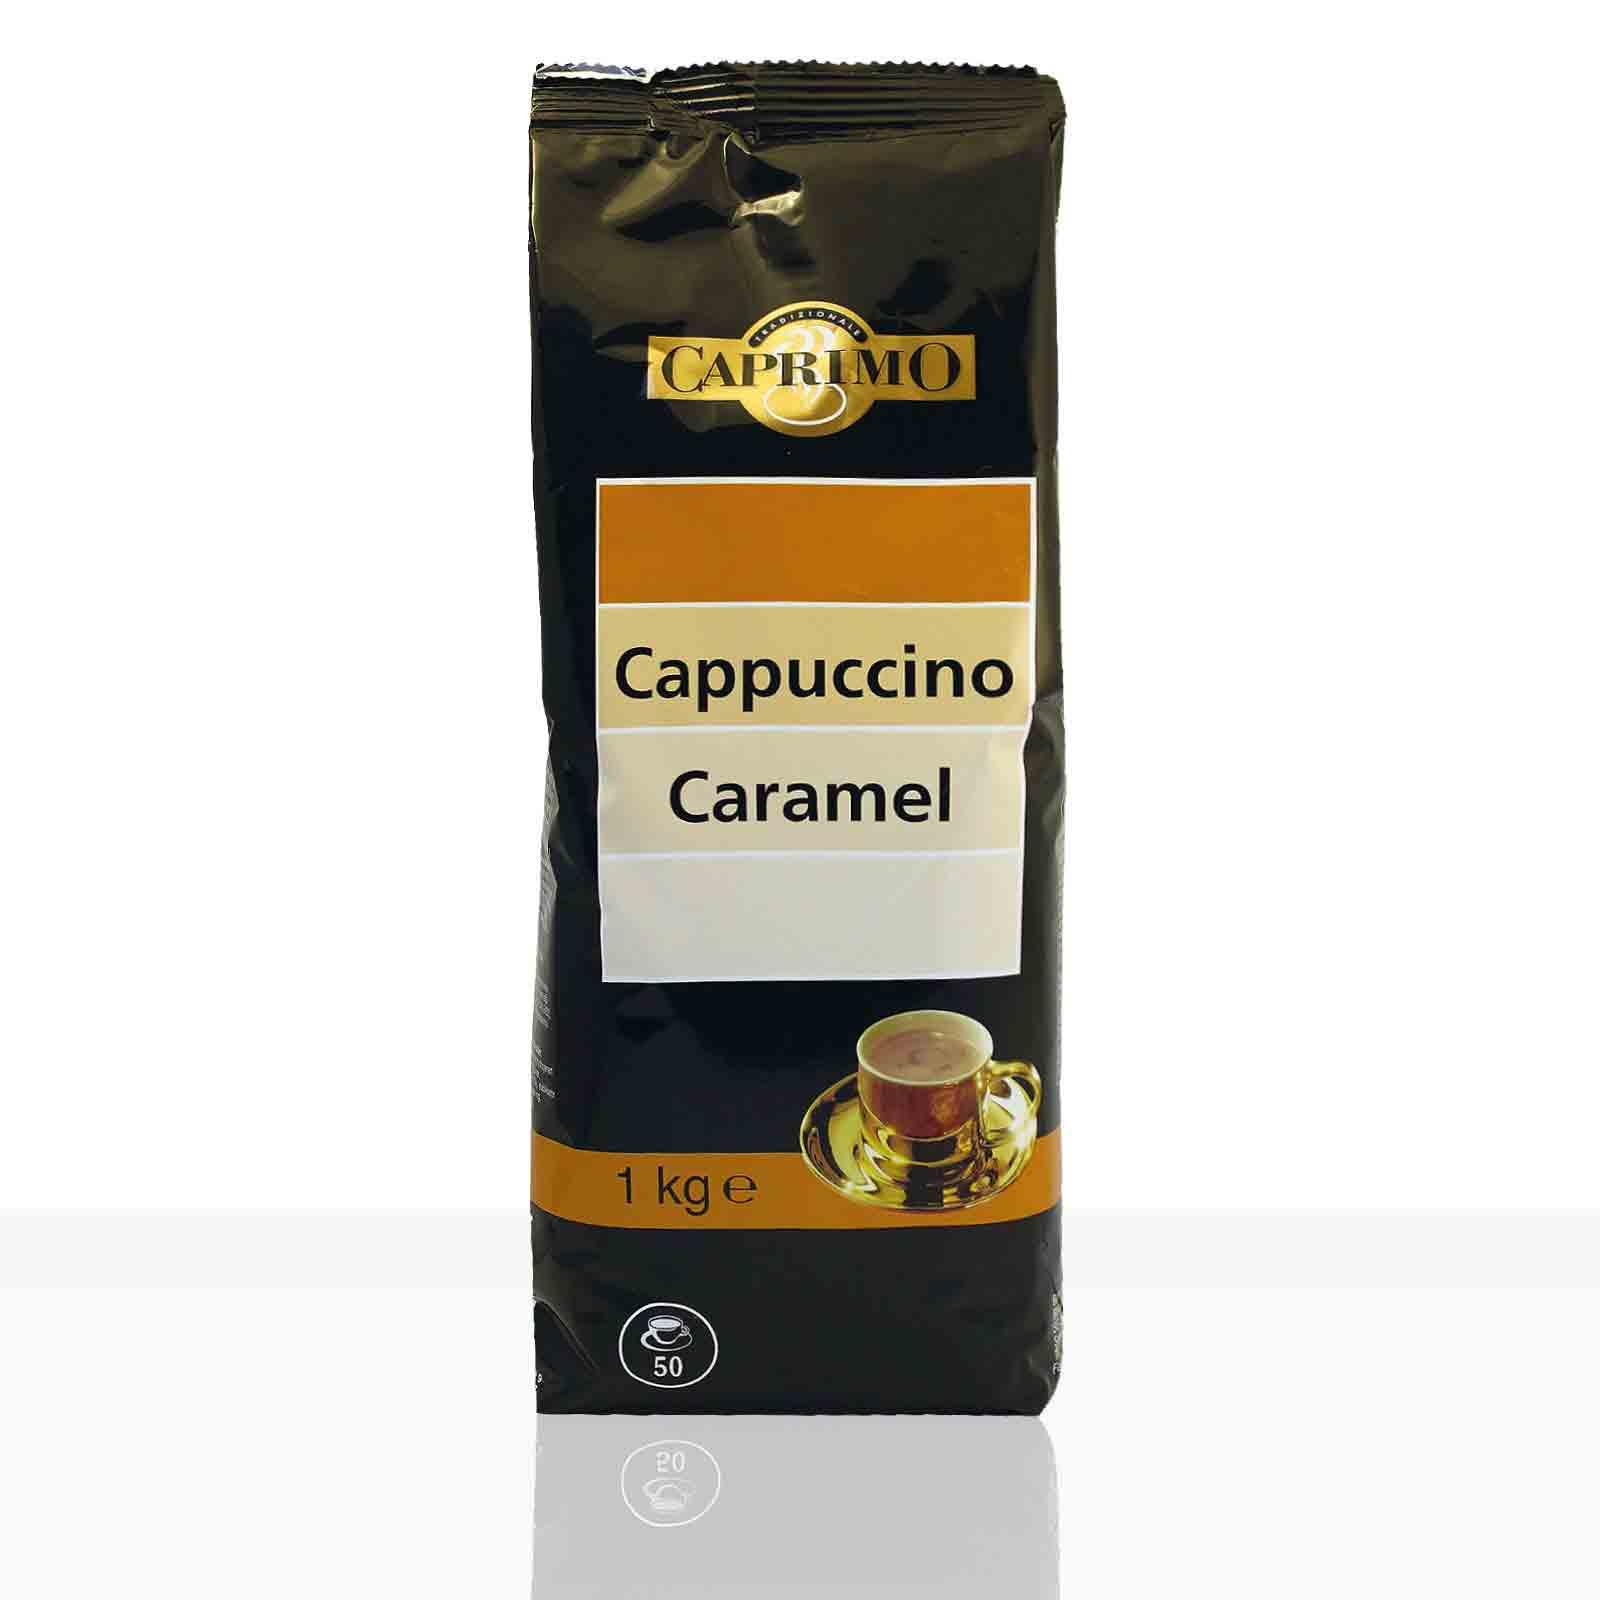 Caprimo Cappuccino Caramel 1kg Instant